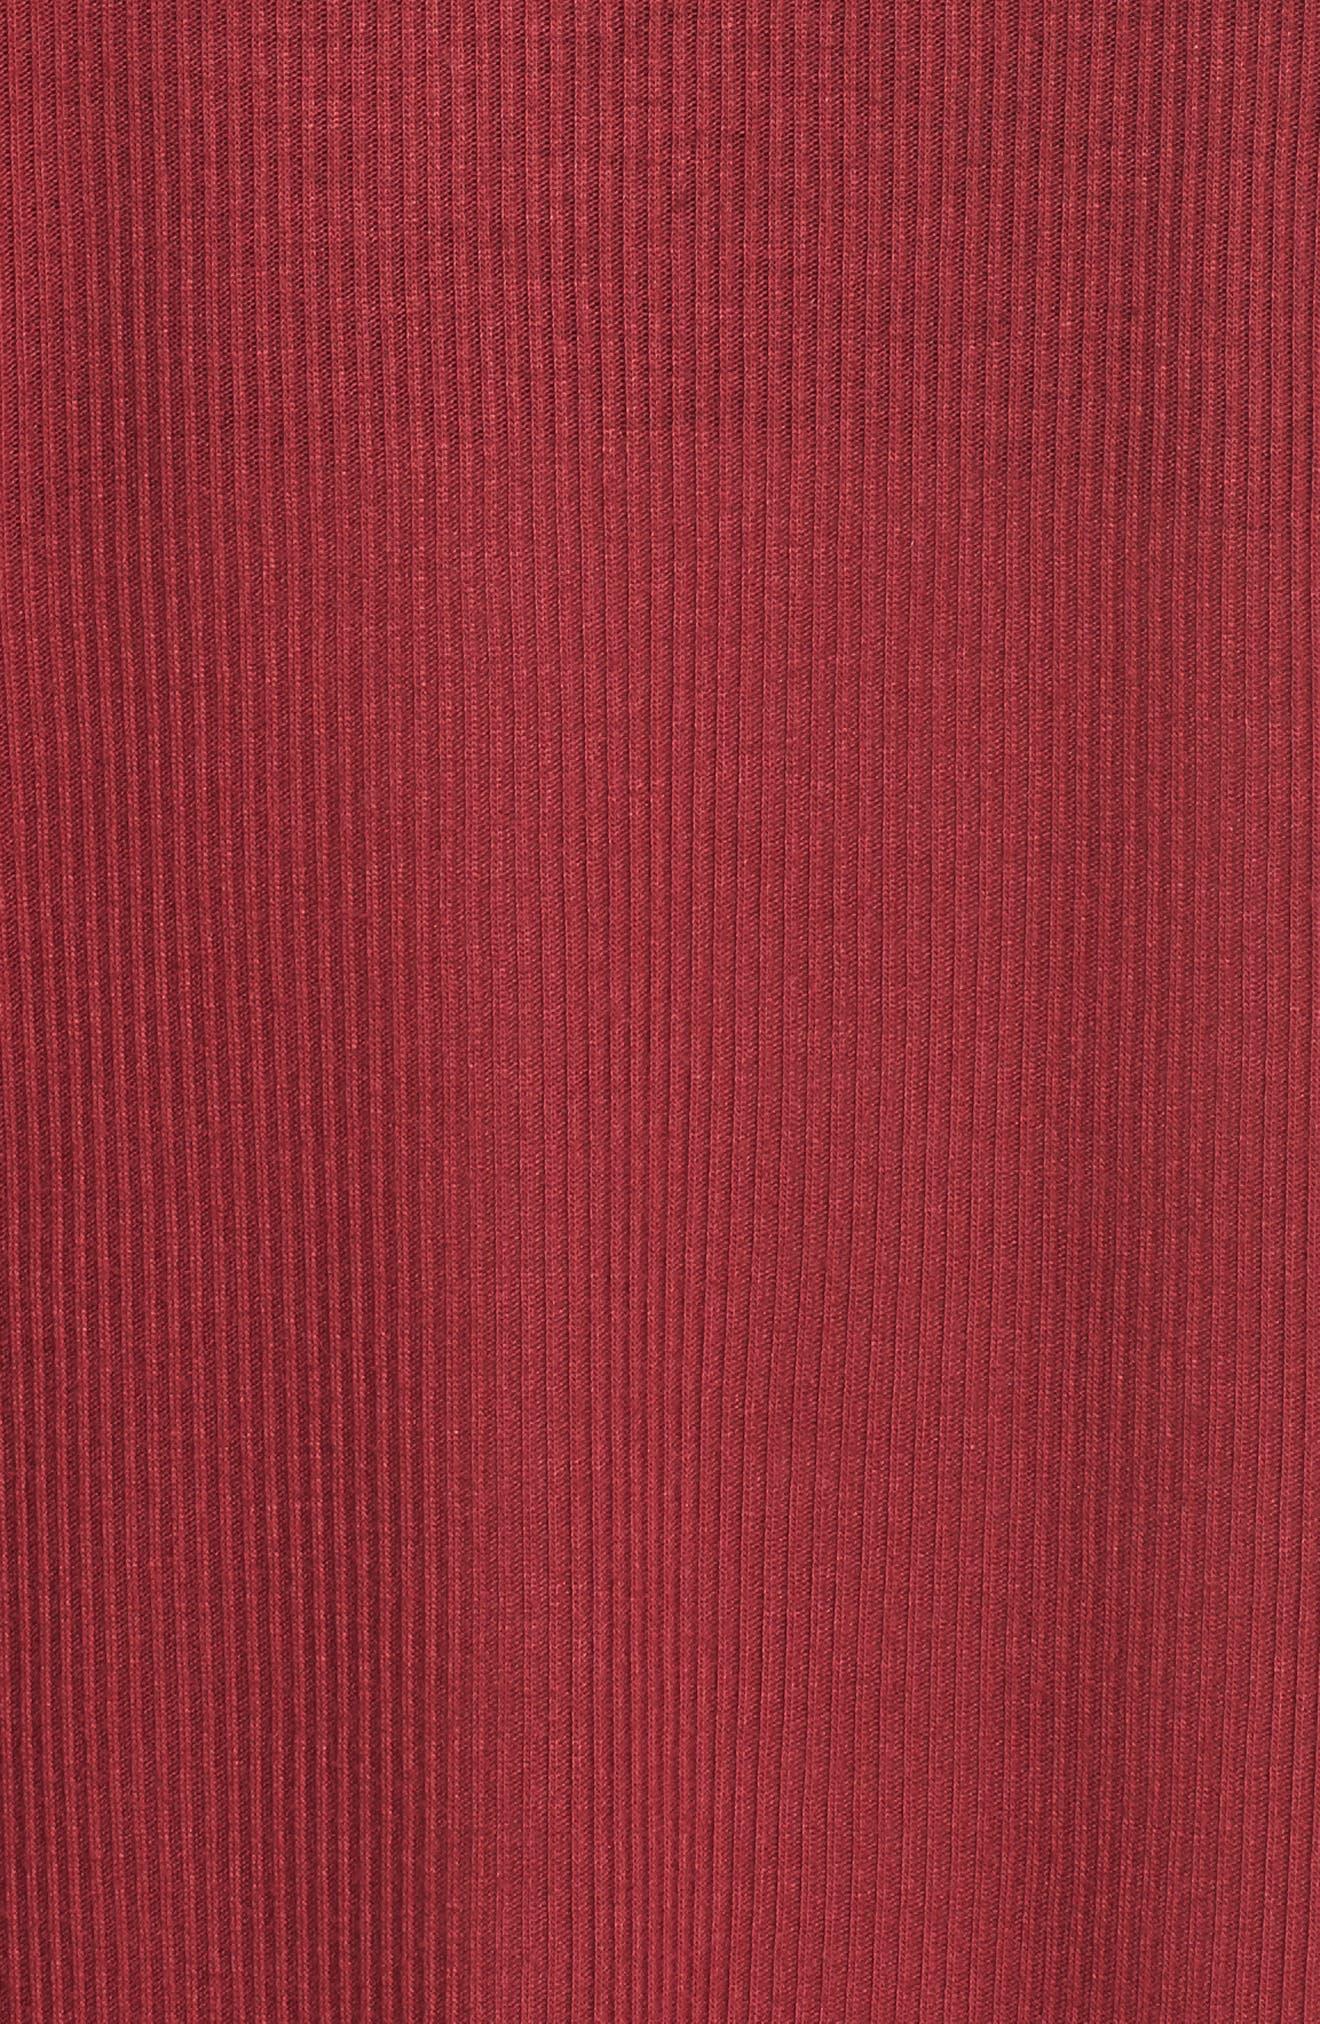 Heat Wave Tank,                             Alternate thumbnail 9, color,                             Red Velvet/ Black